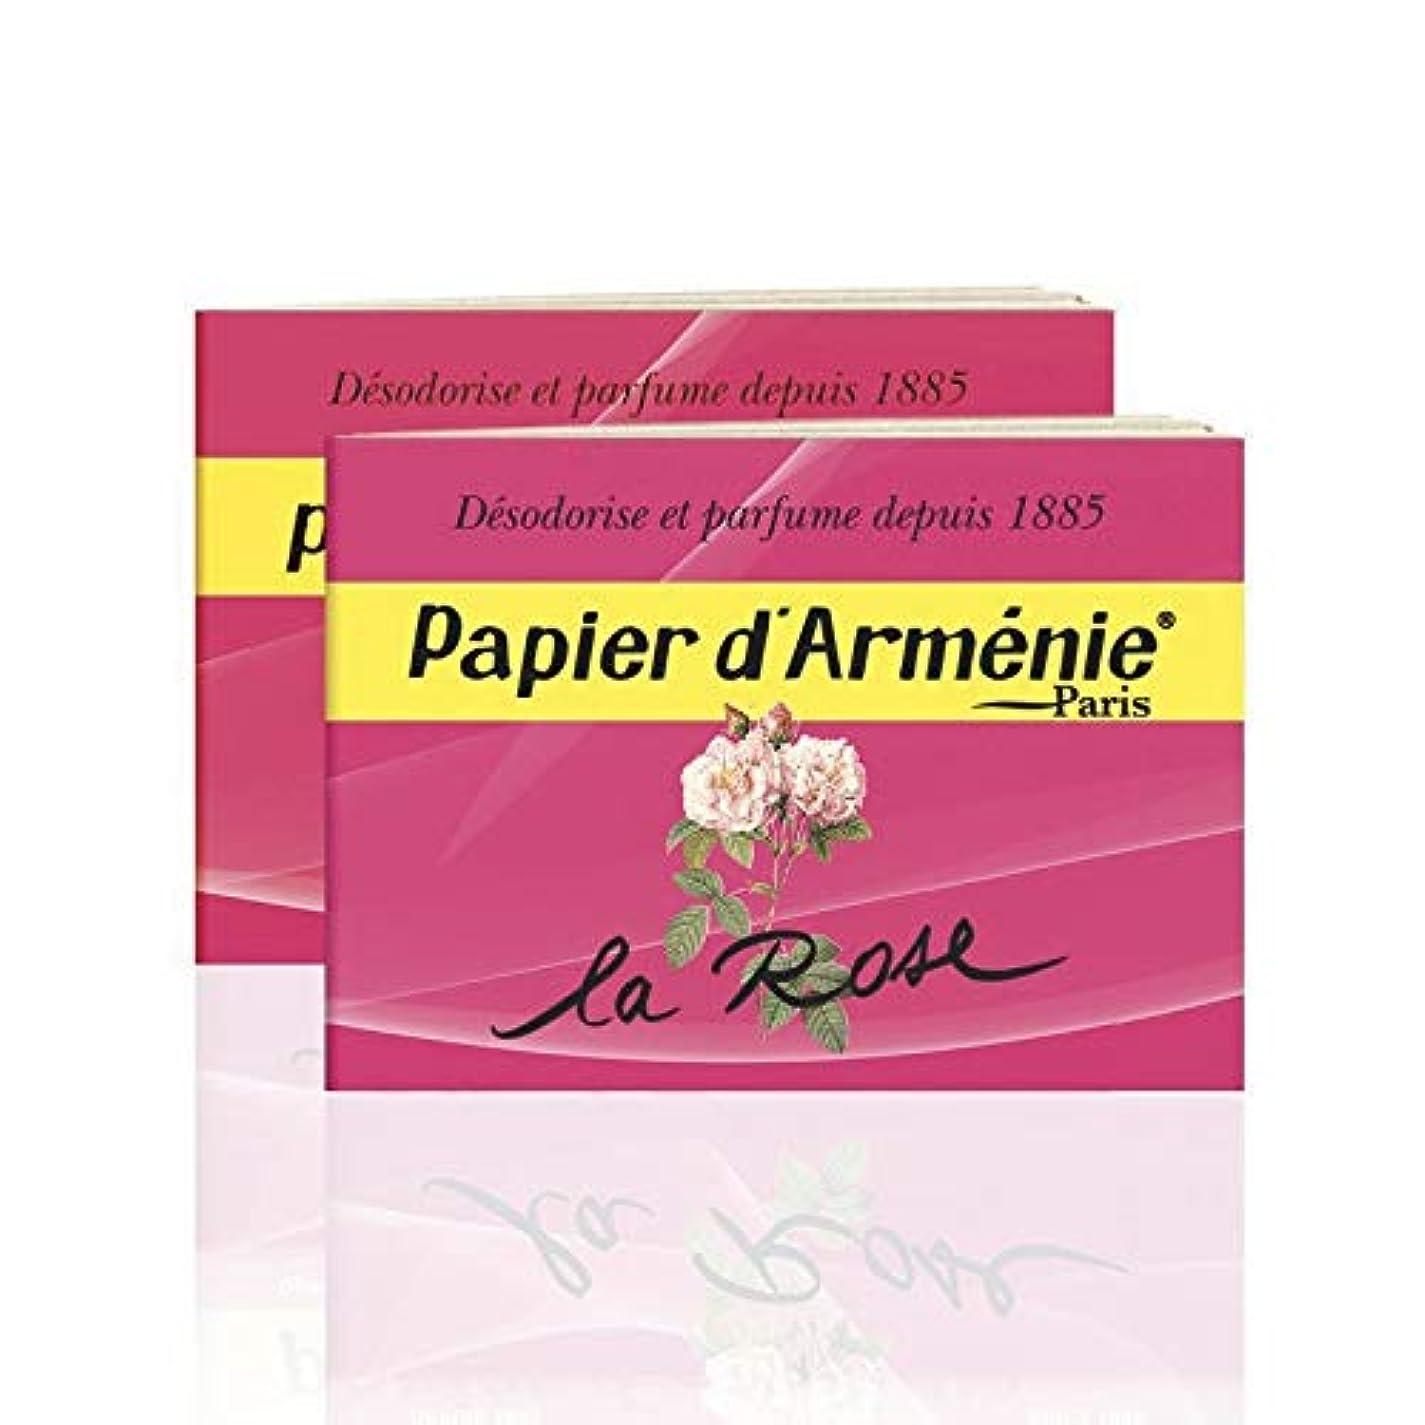 ピカリング前奏曲合理化Papier d'Arménie パピエダルメニイ ローズ 紙のお香 フランス直送 [並行輸入品] (2個)